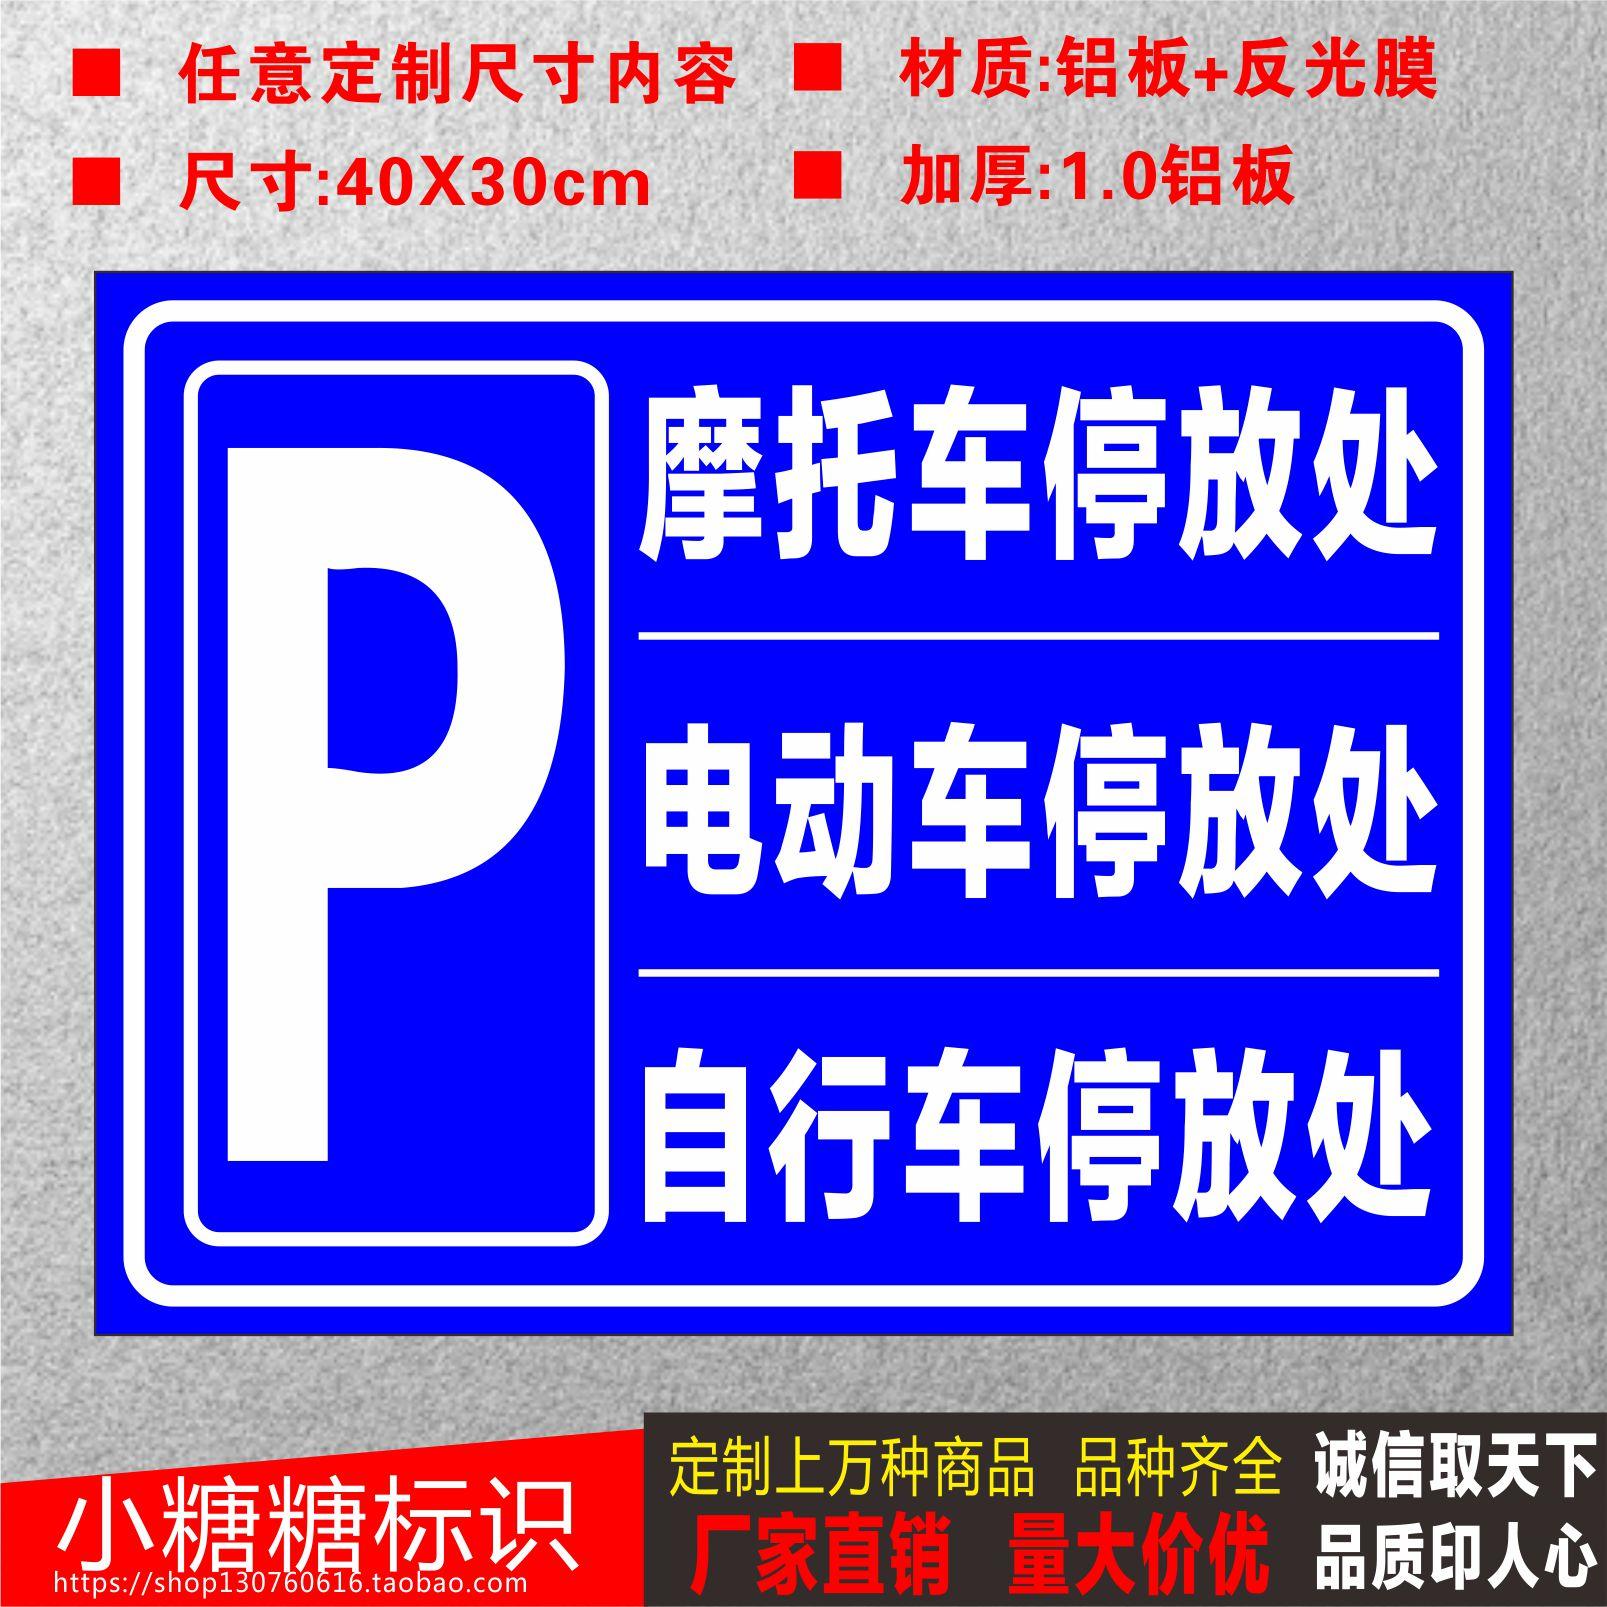 电动车 自行车 摩托车停车处标识牌标志牌停车场指示牌 P字停车牌